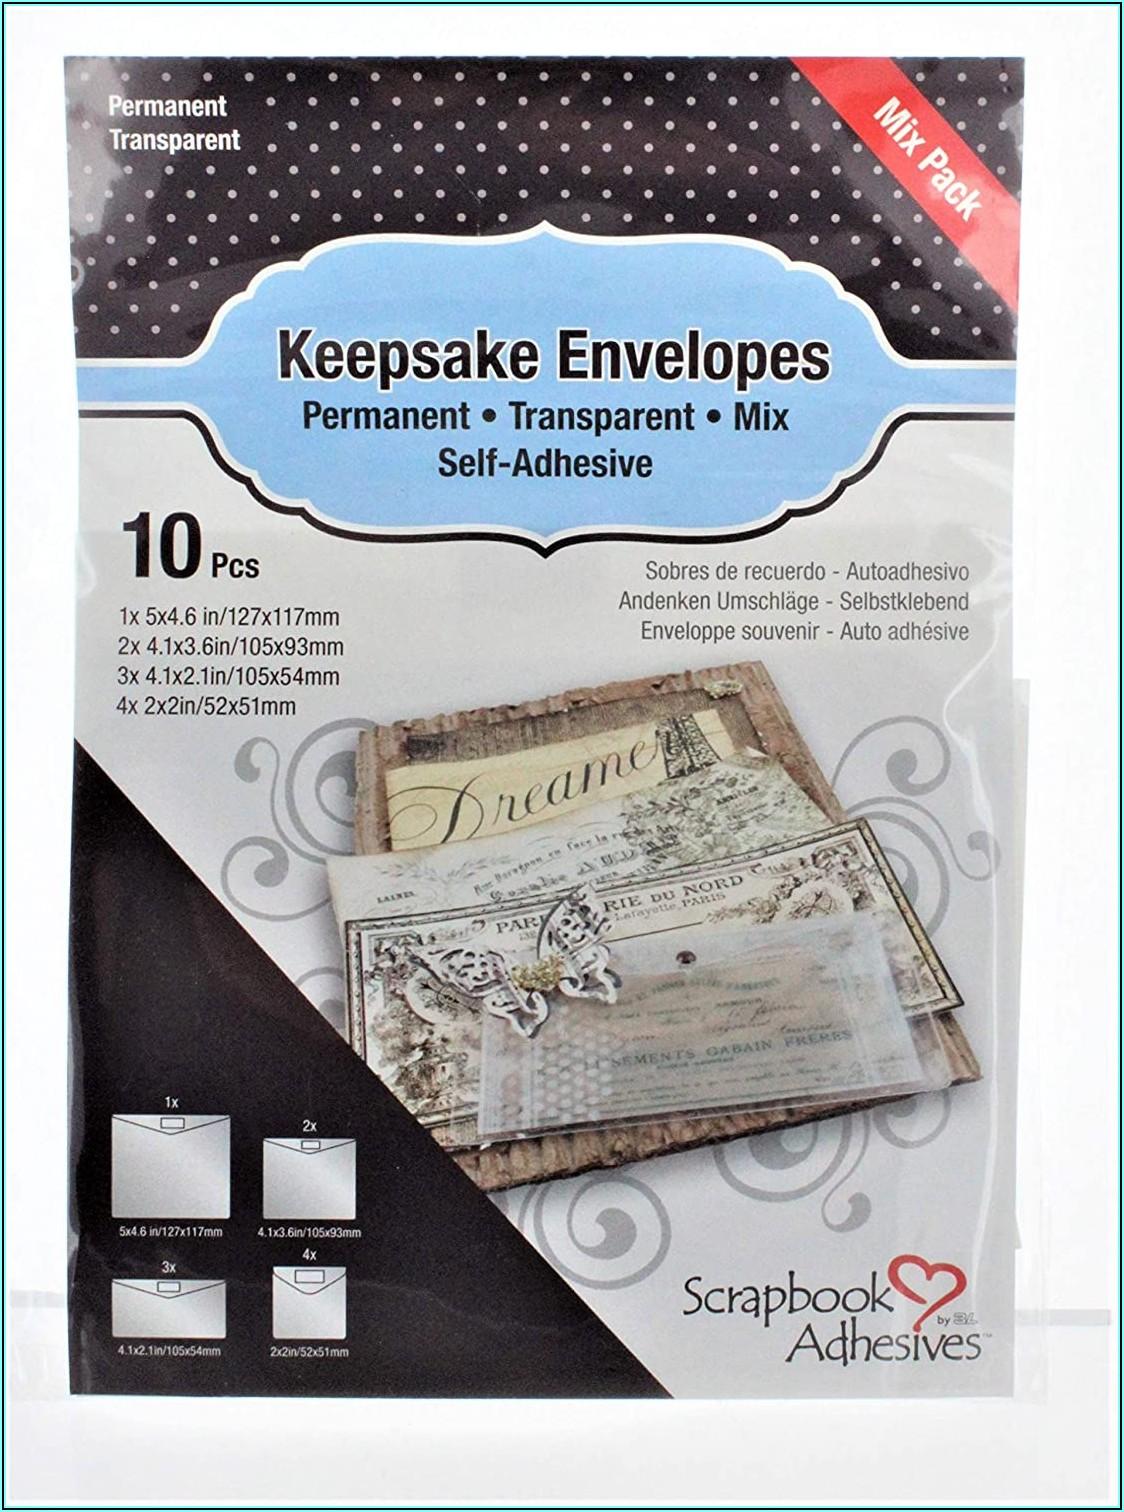 Scrapbook Adhesives Keepsake Envelopes